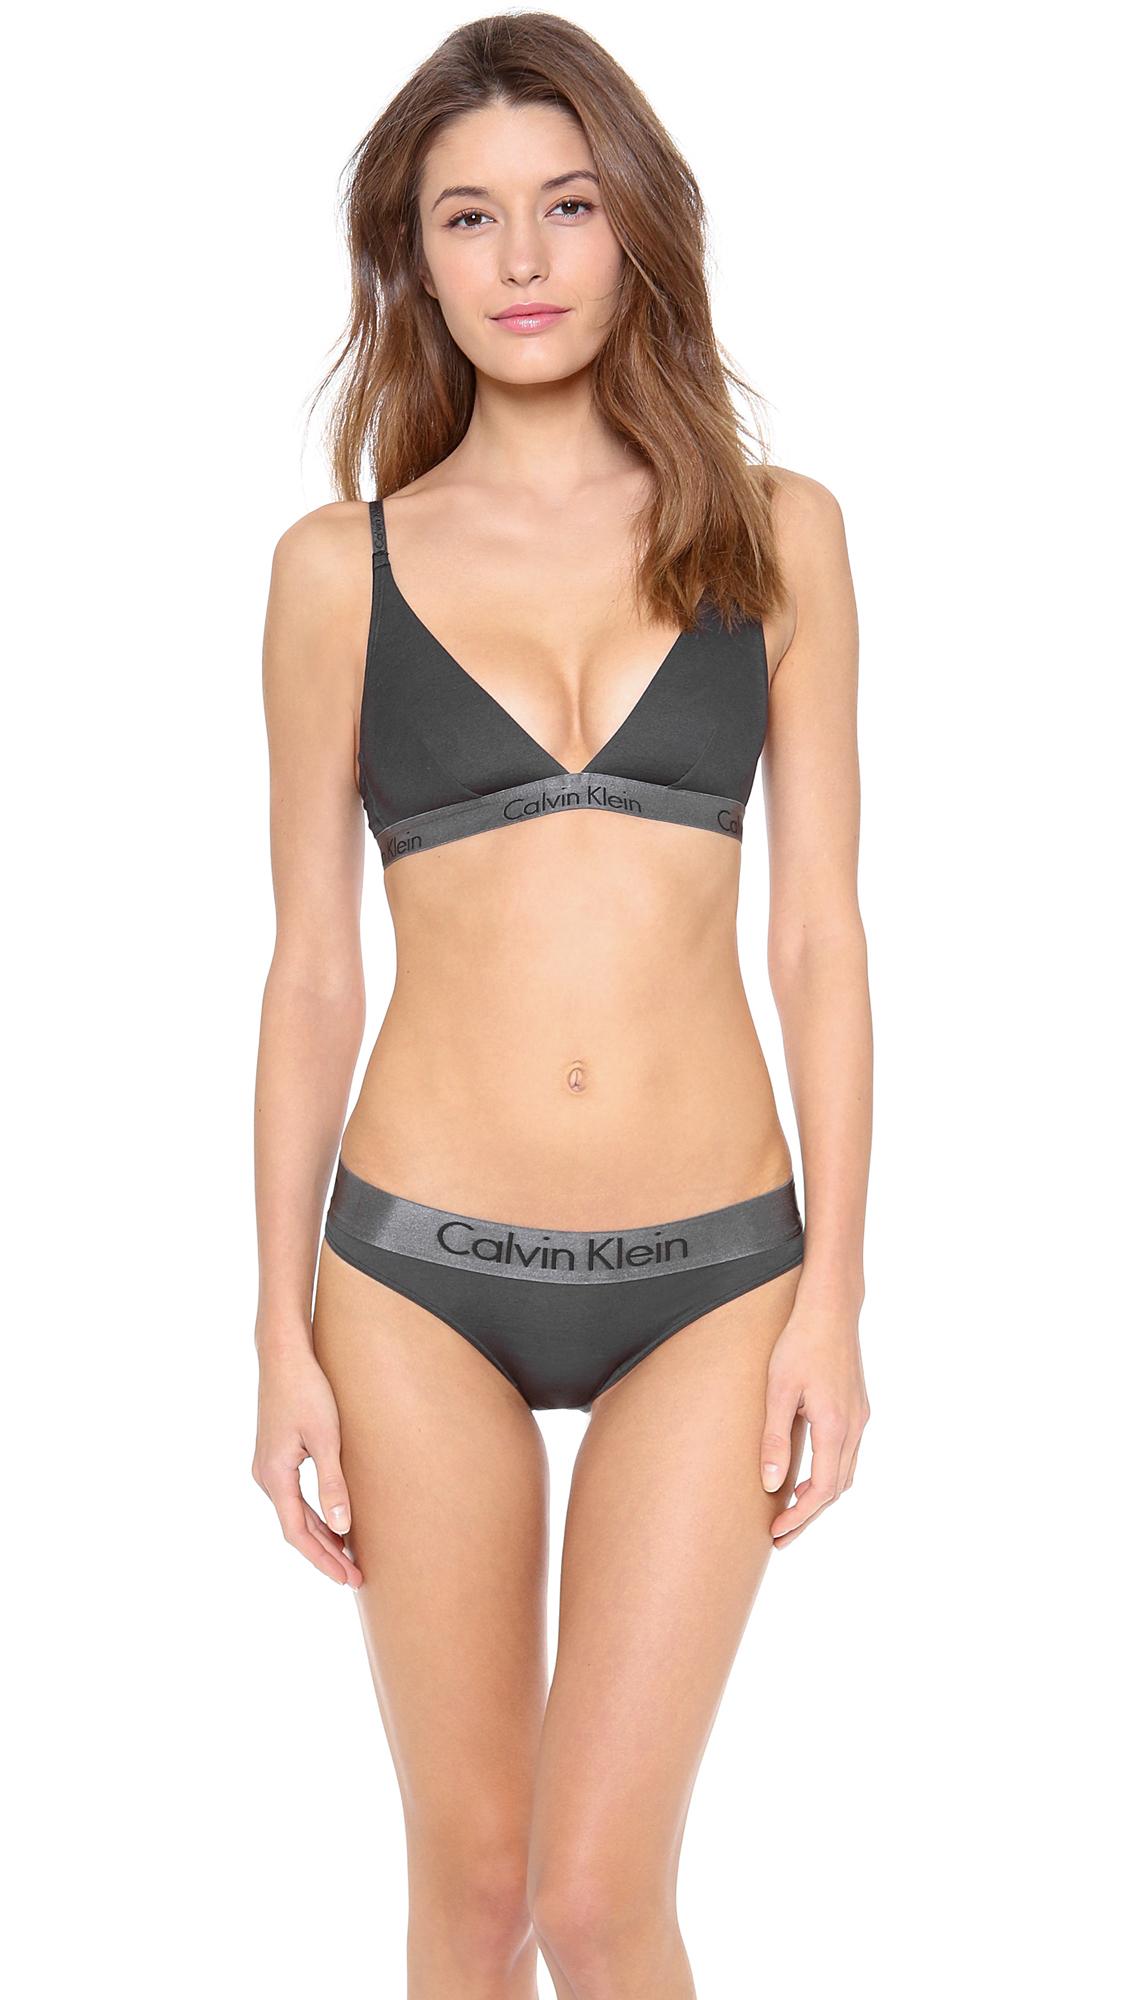 1ddd33e9d4f240 Lyst - Calvin Klein Dula Tone Convertible Triangle Bra in Black